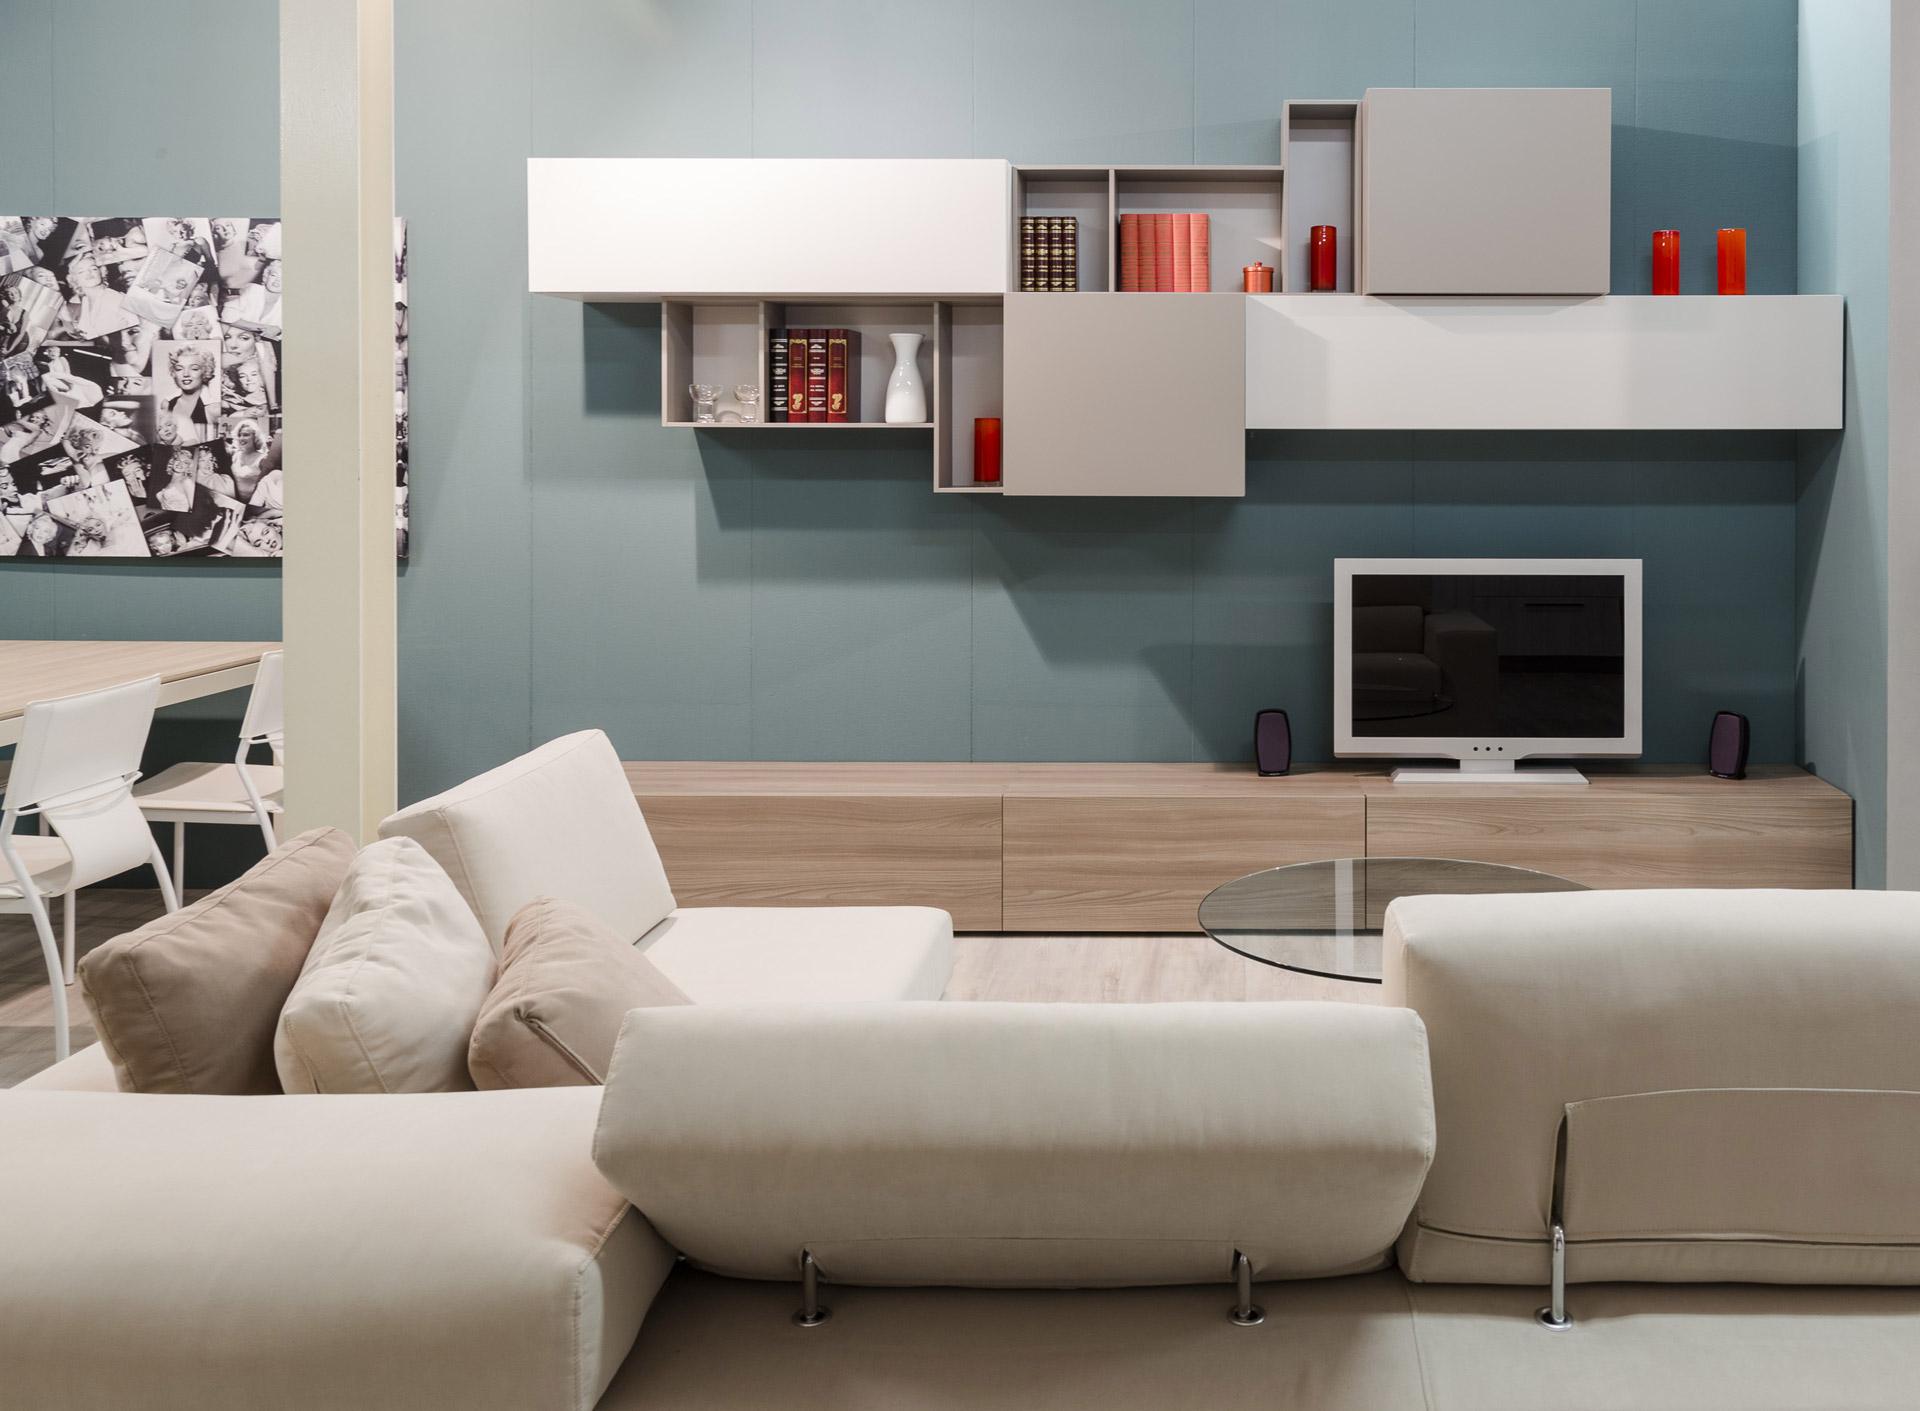 Arredamenti Moderni Immagini soggiorni moderni imola, pareti attrezzate e mobili | ronchi